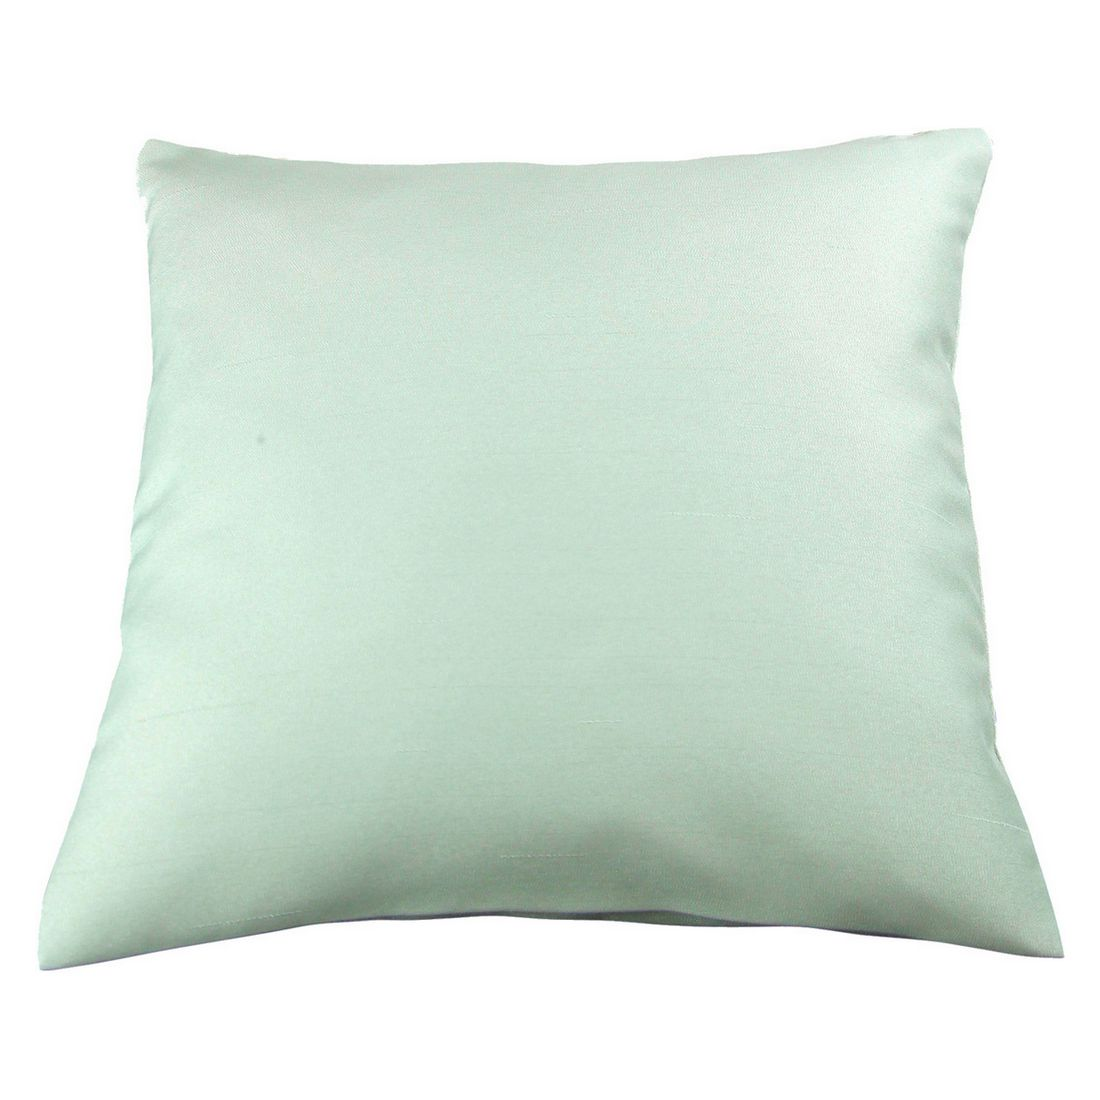 Kissenhülle Nova (2er,4er oder 6er-Set) – Mint – 50 x 50 cm – 6 Kissen, MiBiento Living online kaufen